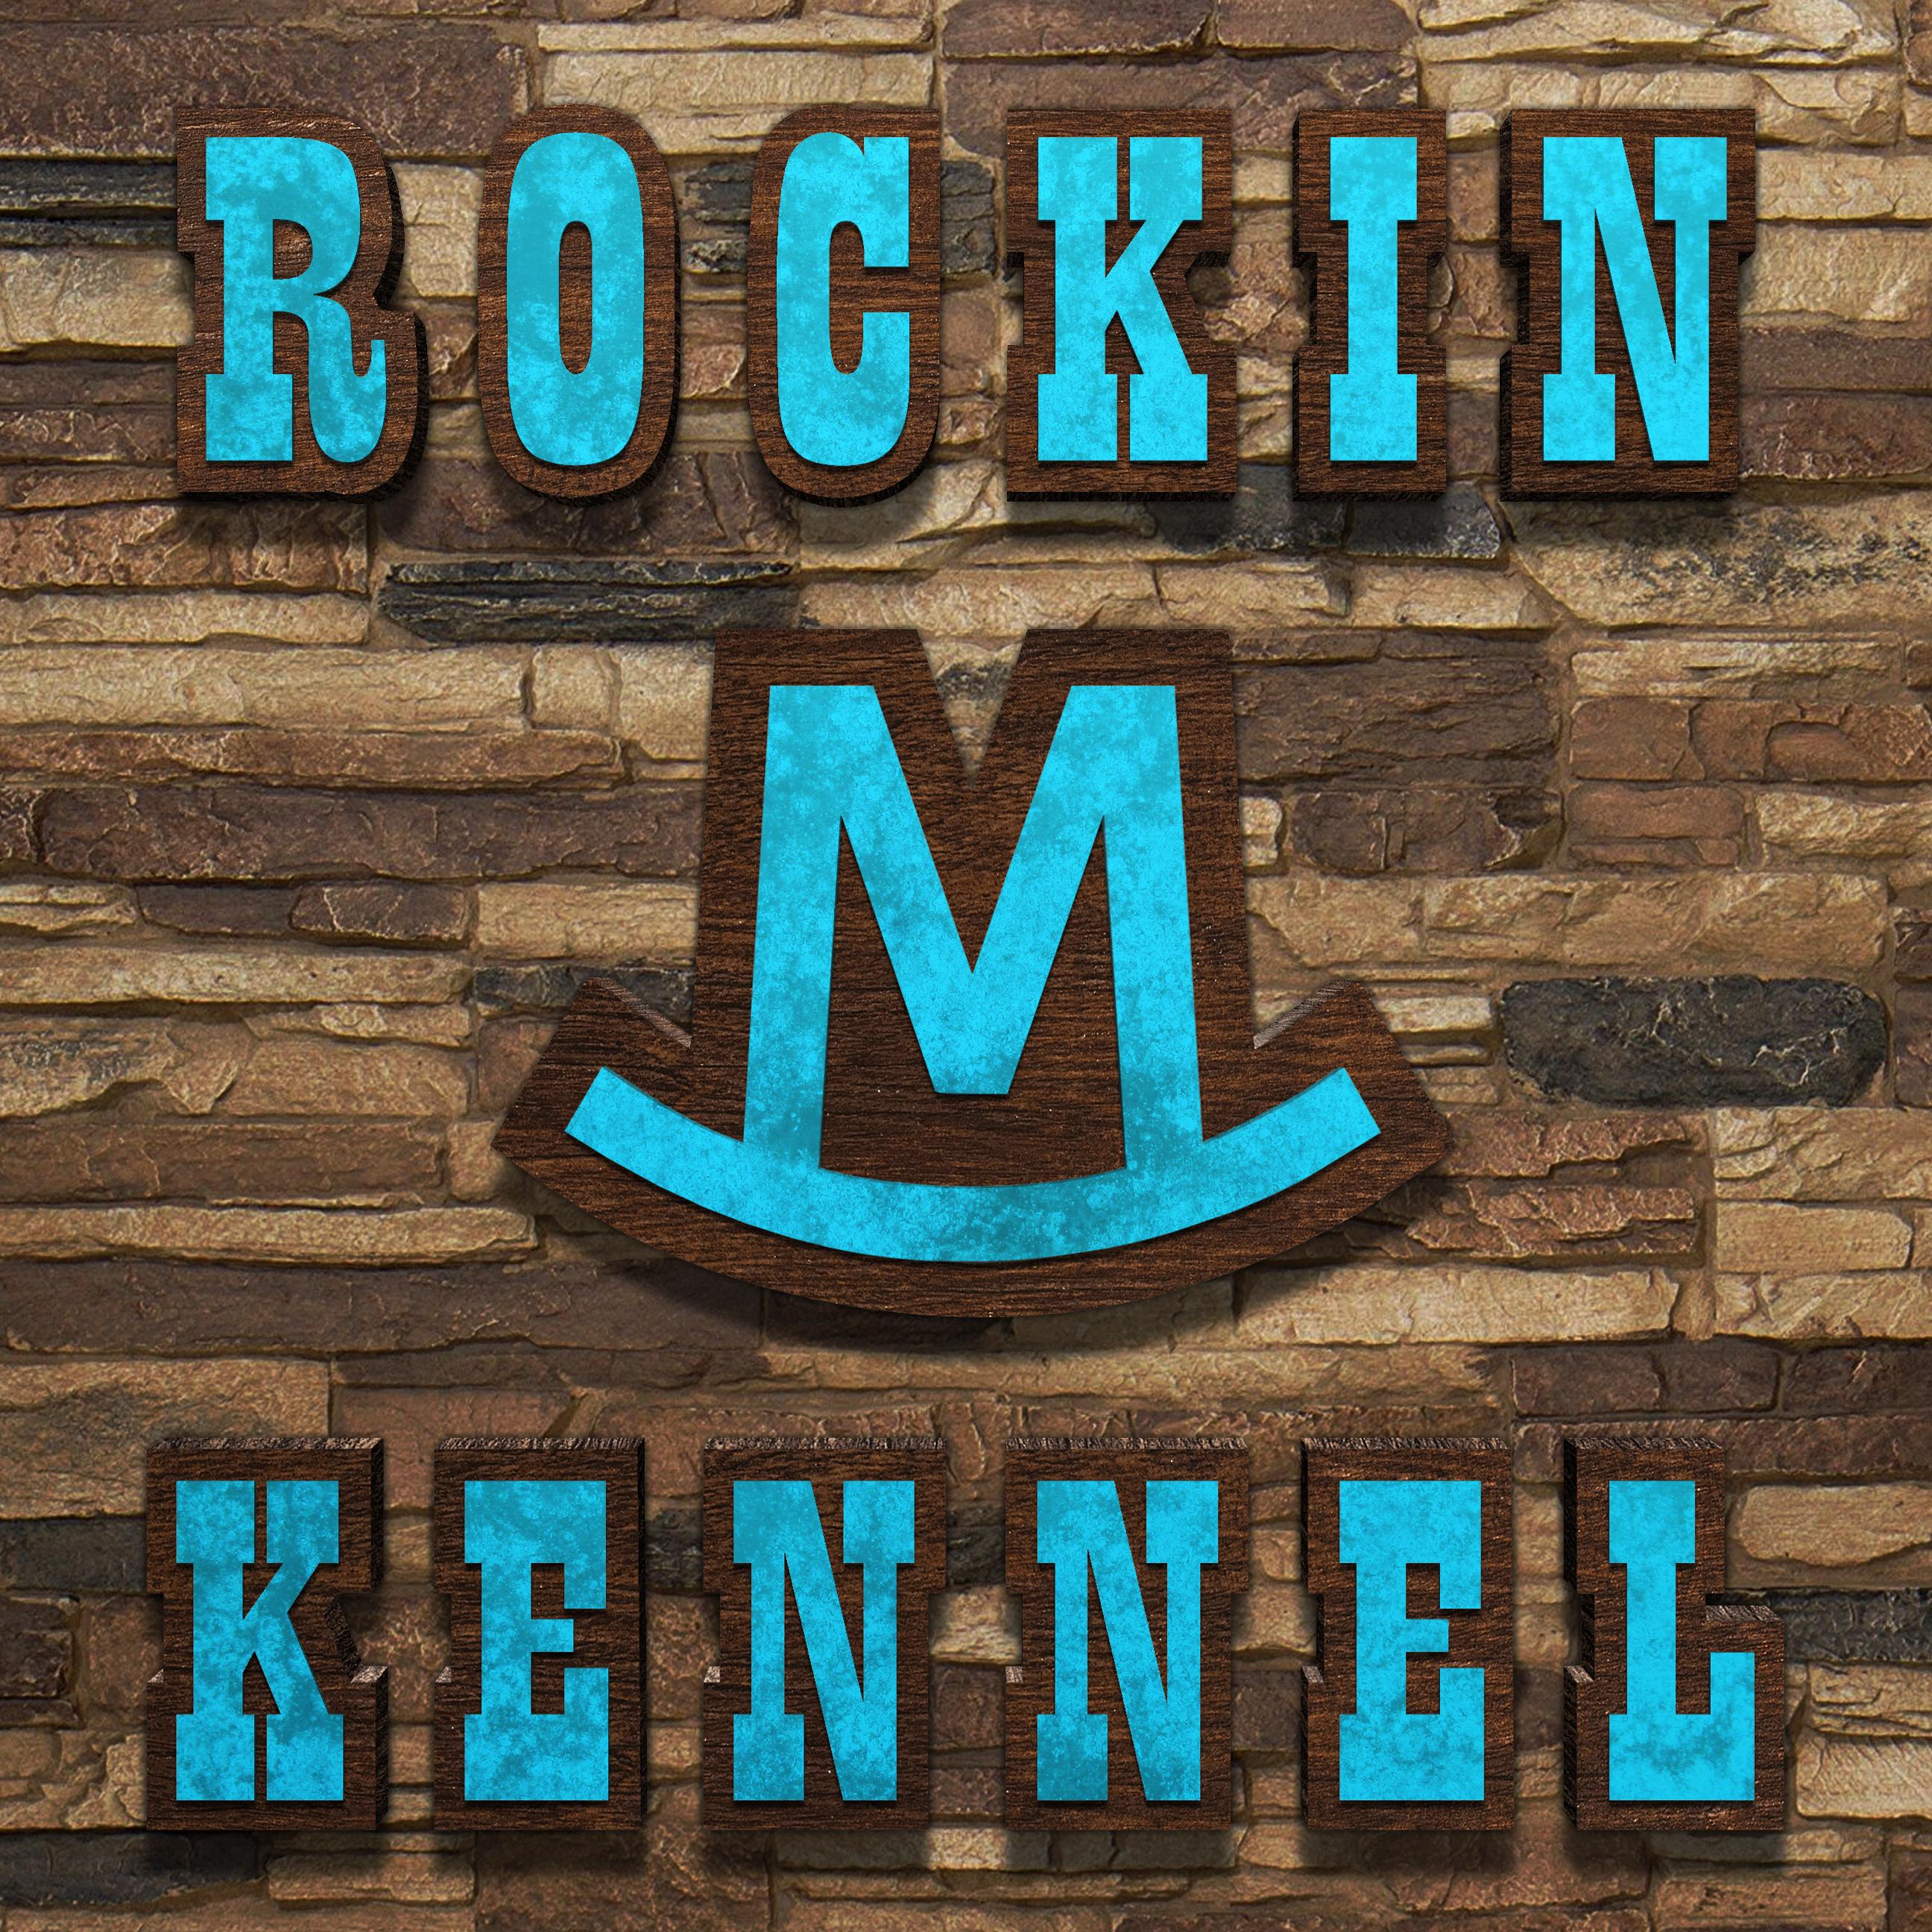 Rockin M Kennel